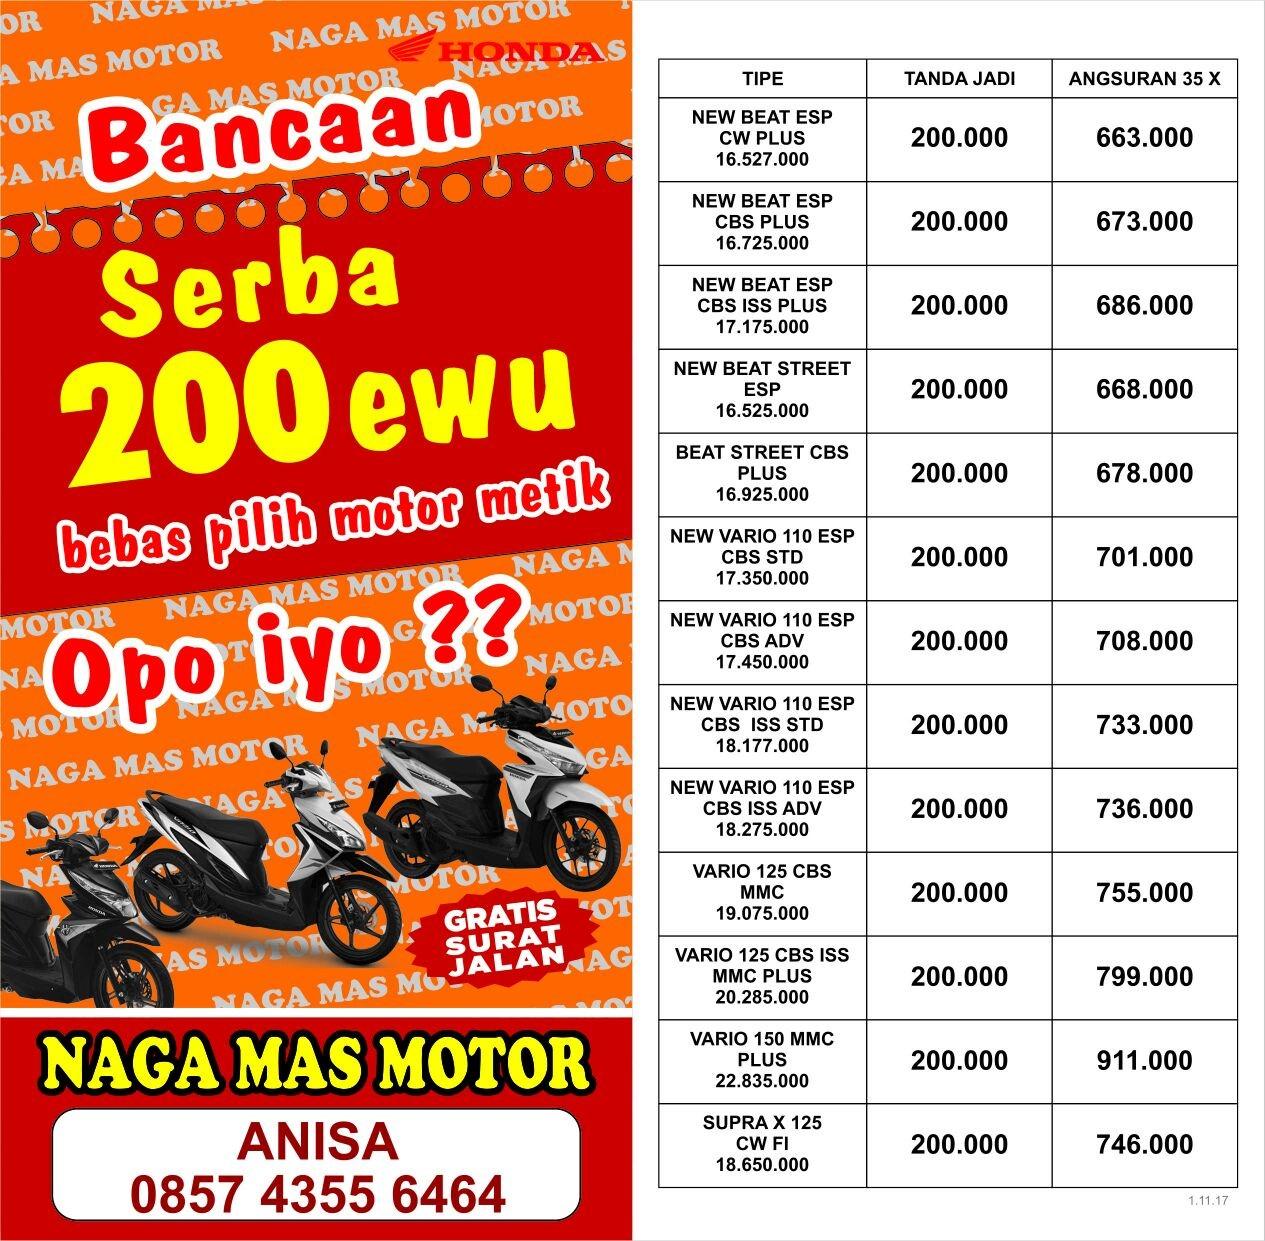 Anisa Counter Sales Dealer Nagamas Motor Klaten Revo Fit Raving Red Jepara Promo Akhir Tahun 2017 Naga Mas